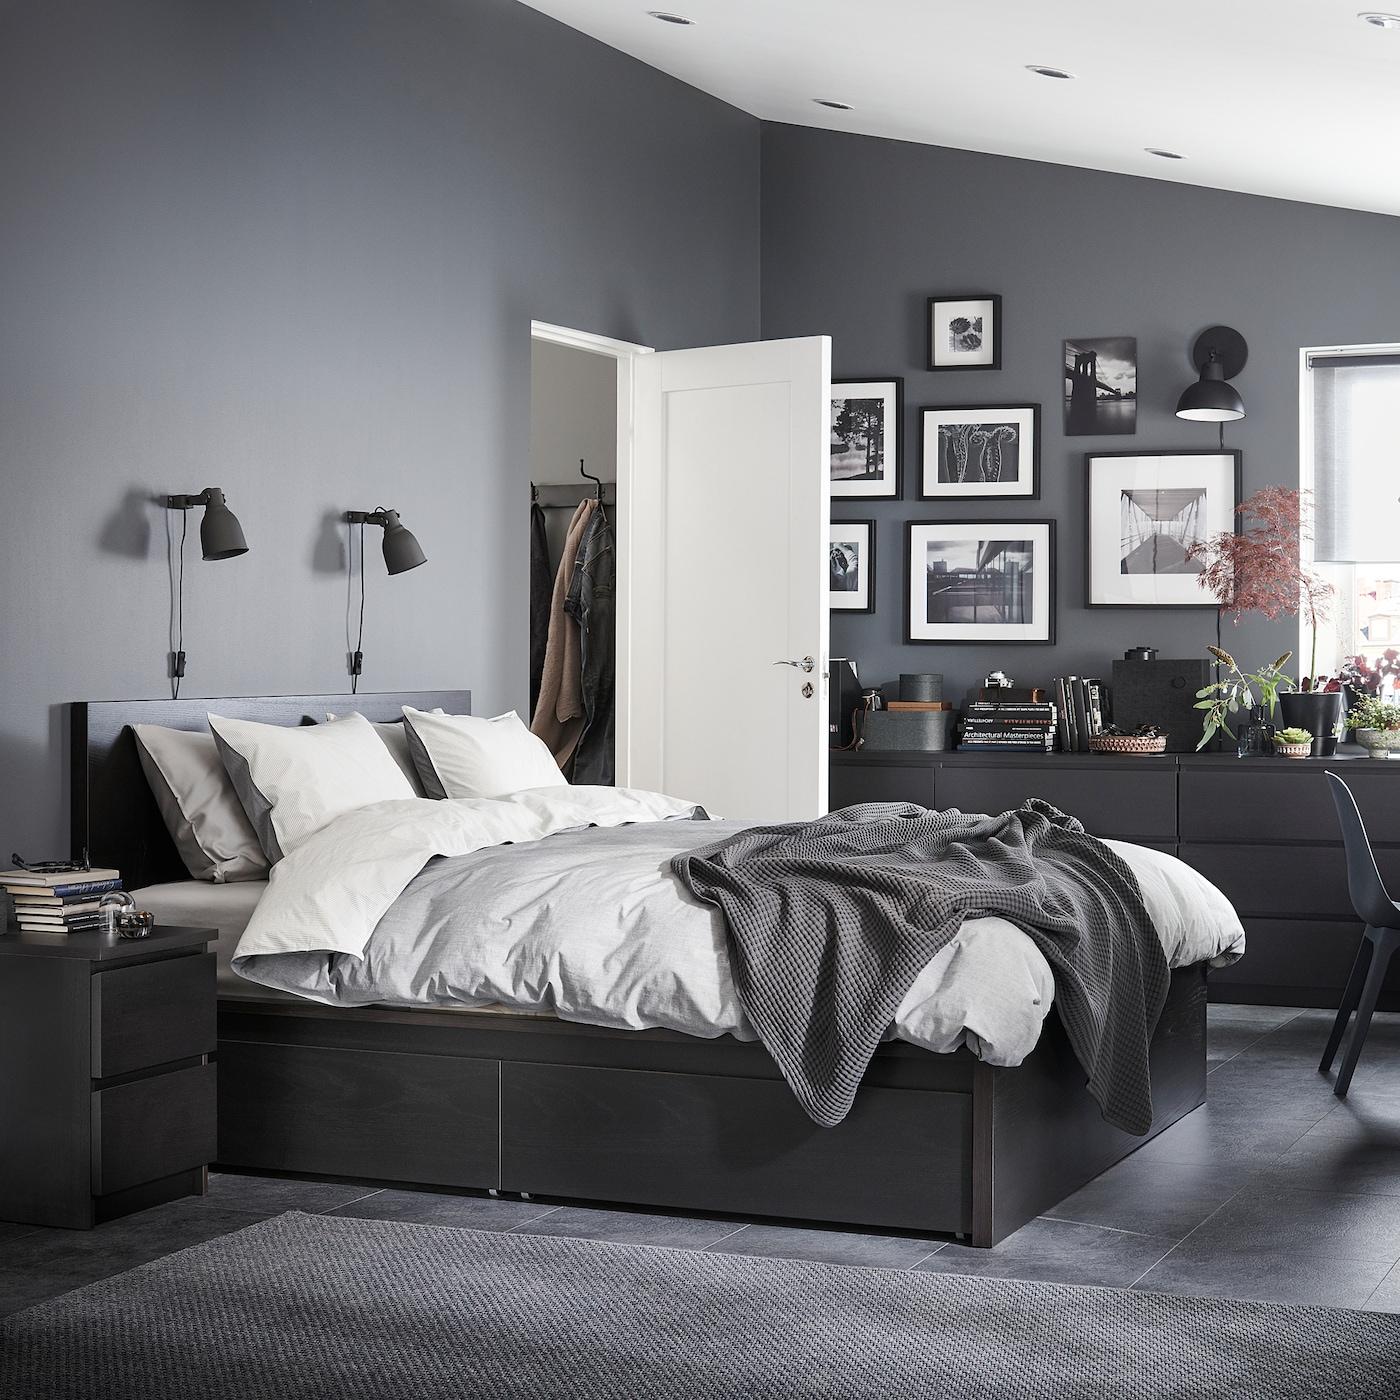 Malm Bettkasten Fur Bettgestell Hoch Schwarzbraun Ikea Schweiz